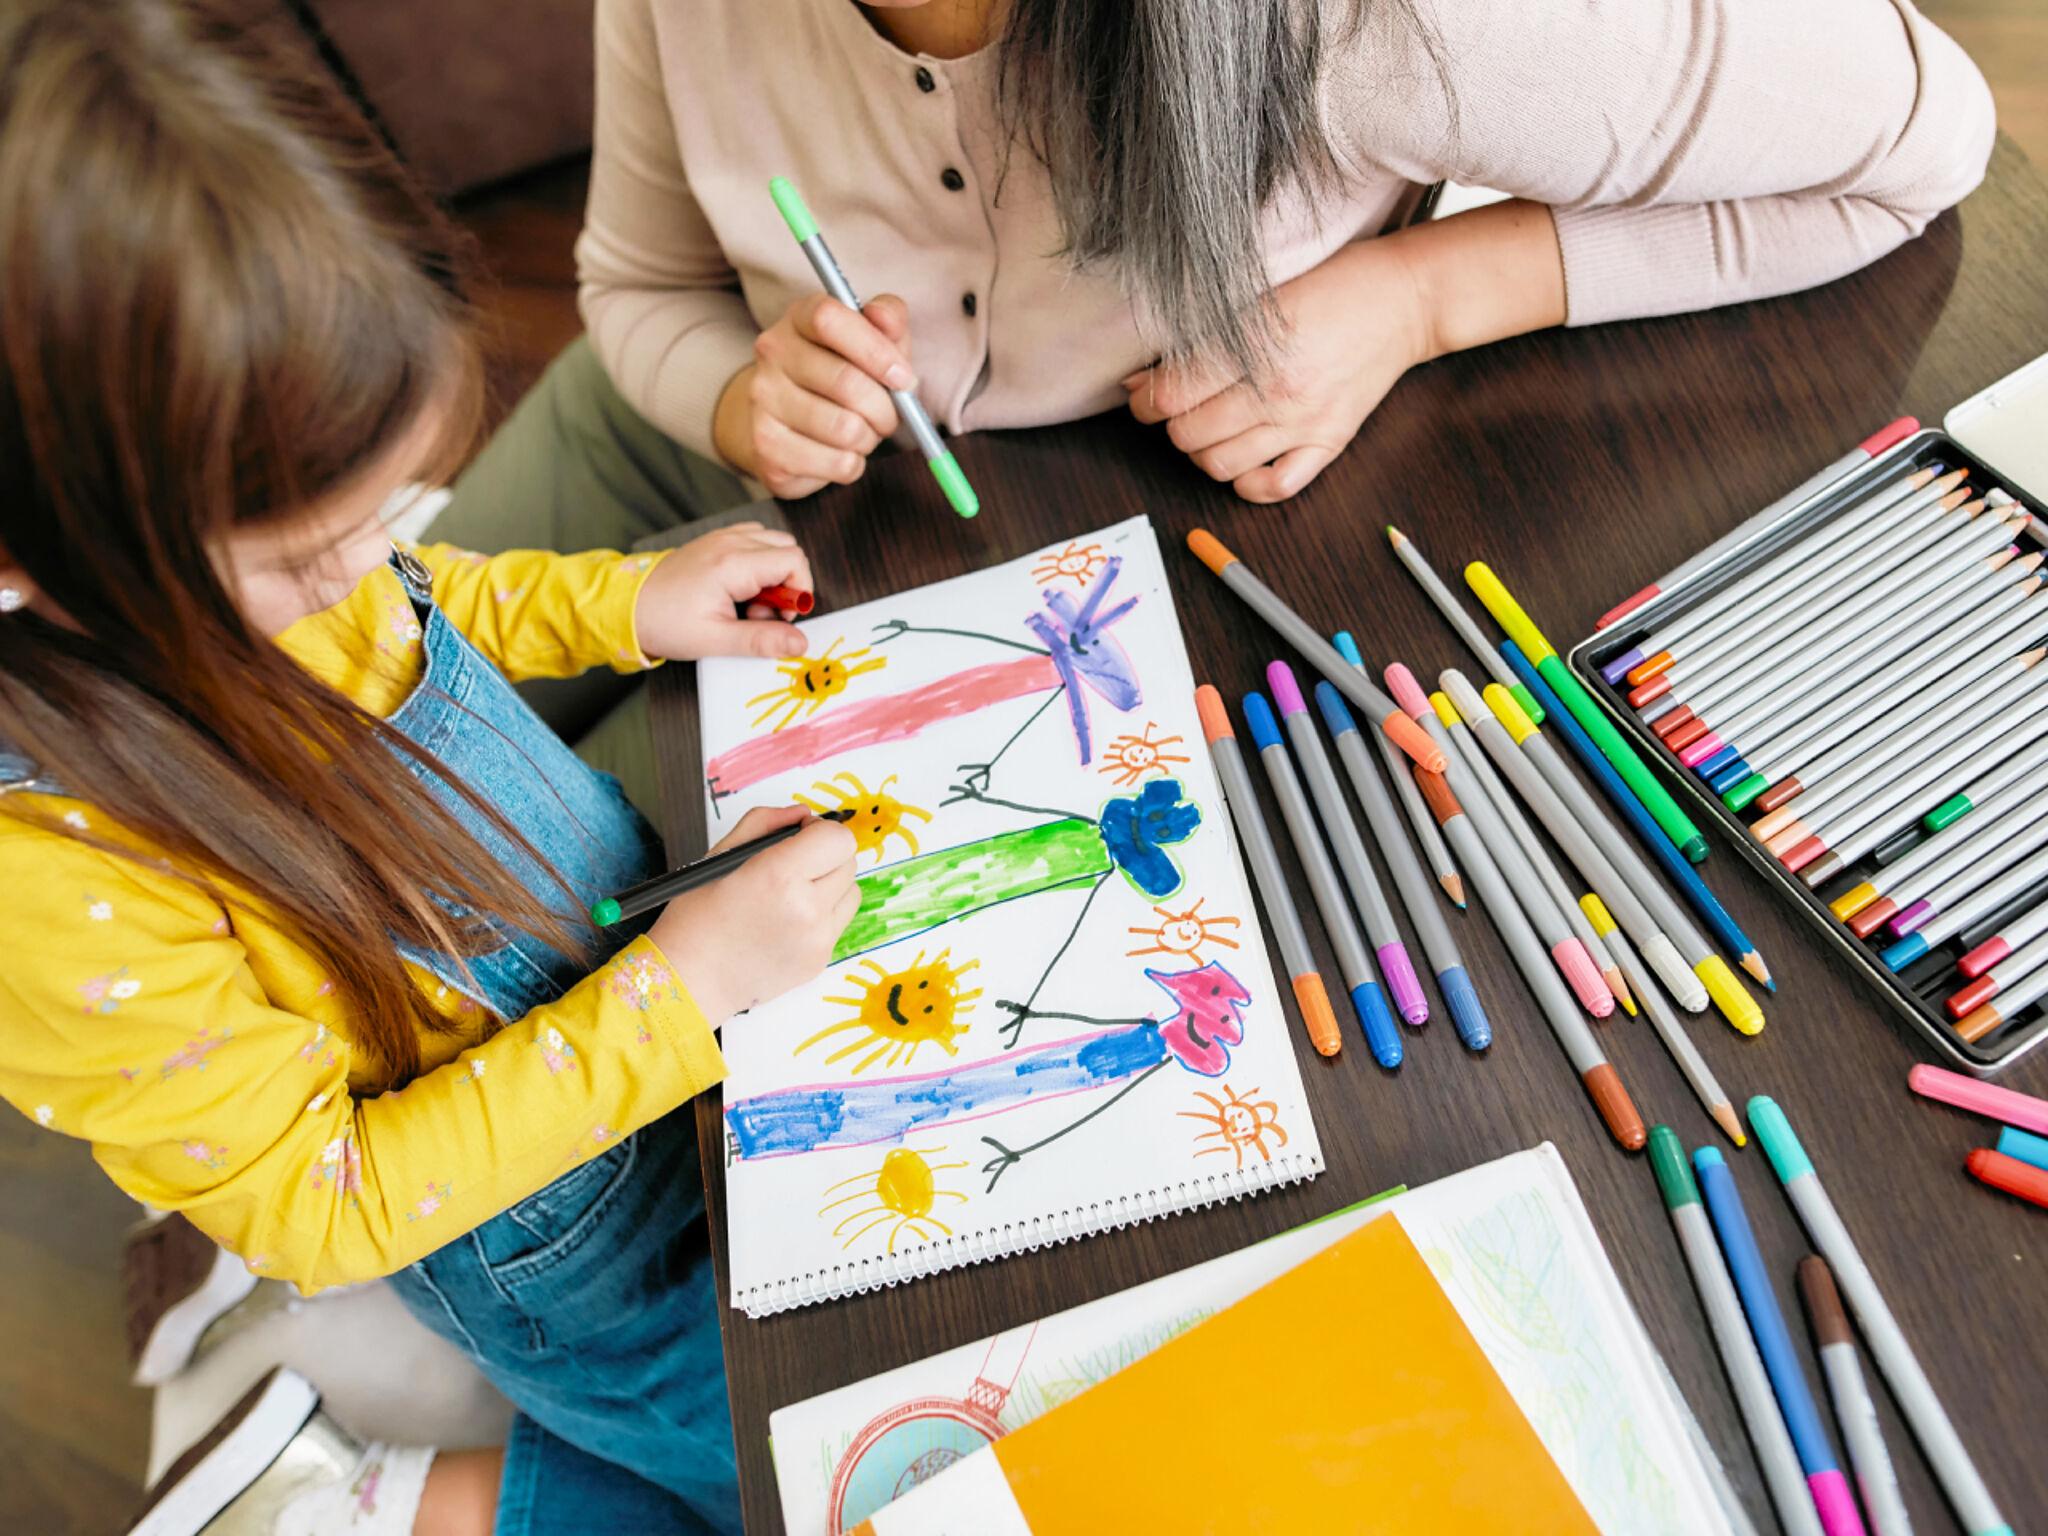 絵を教える先生と子どもの画像